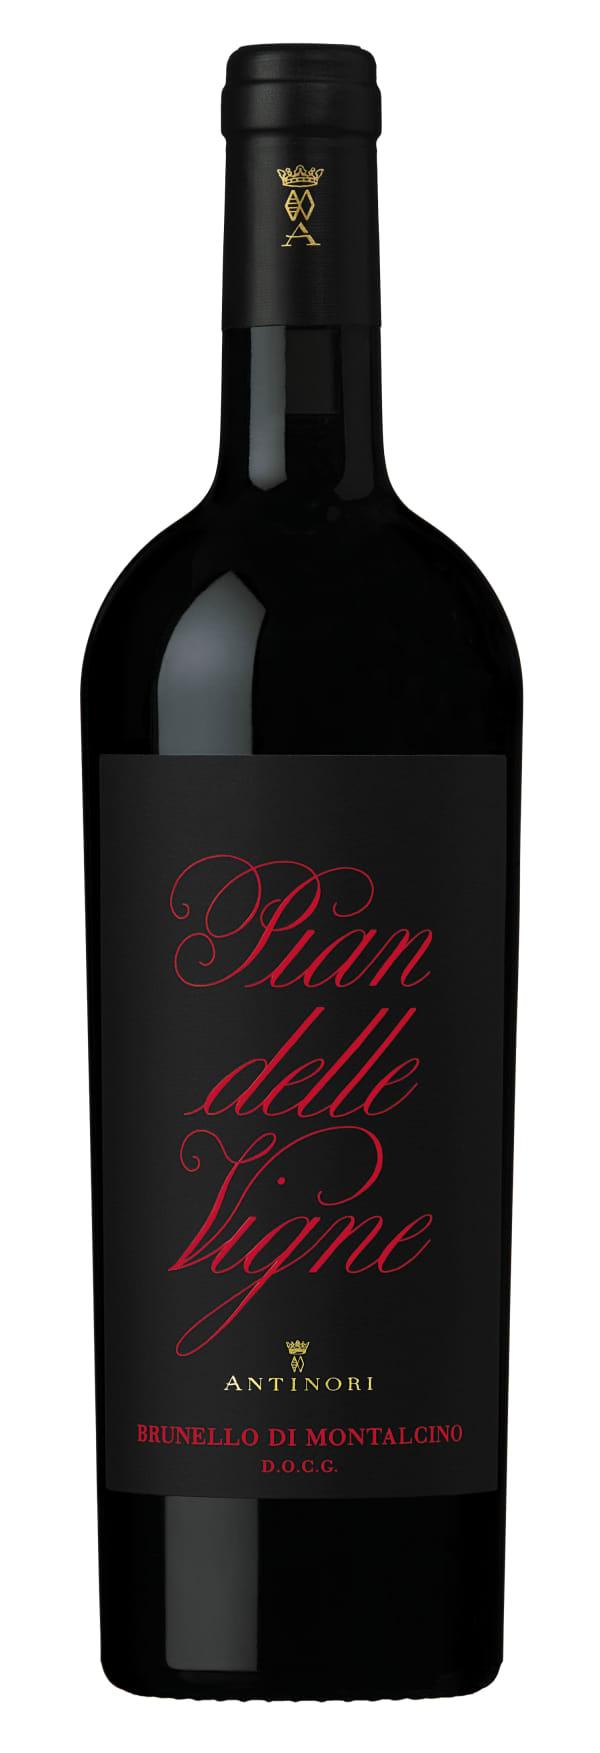 Pian delle Vigne Brunello di Montalcino 2012